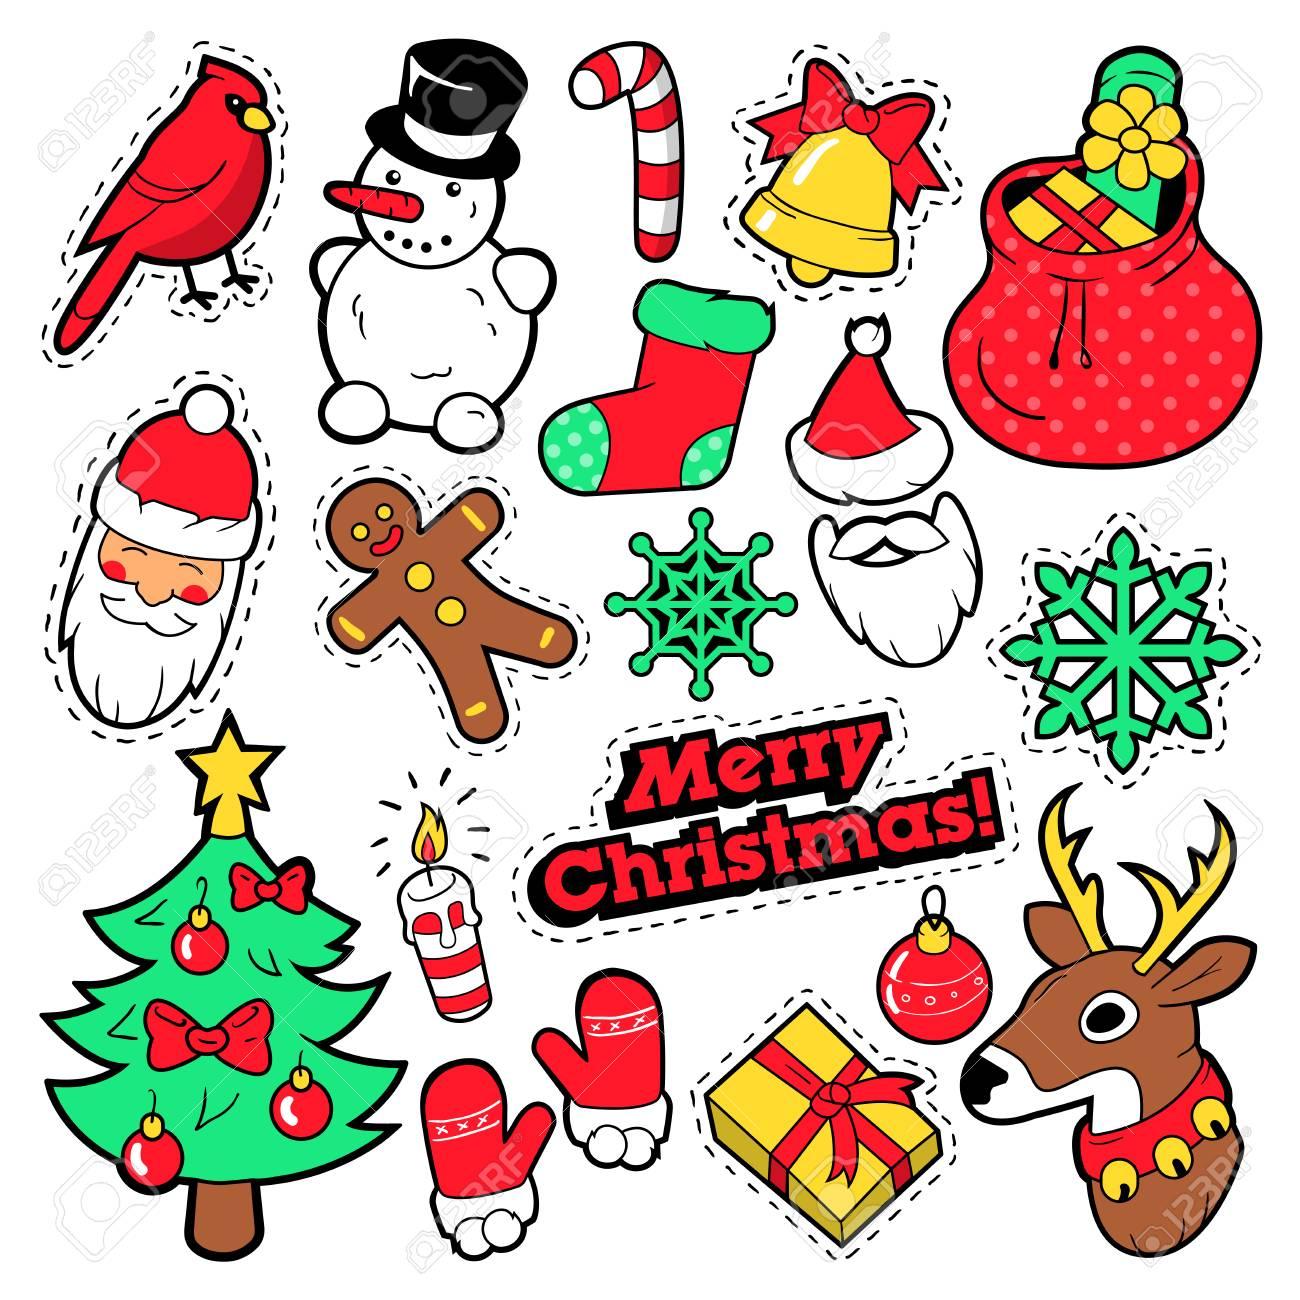 Bilder Comic Weihnachten.Stock Photo